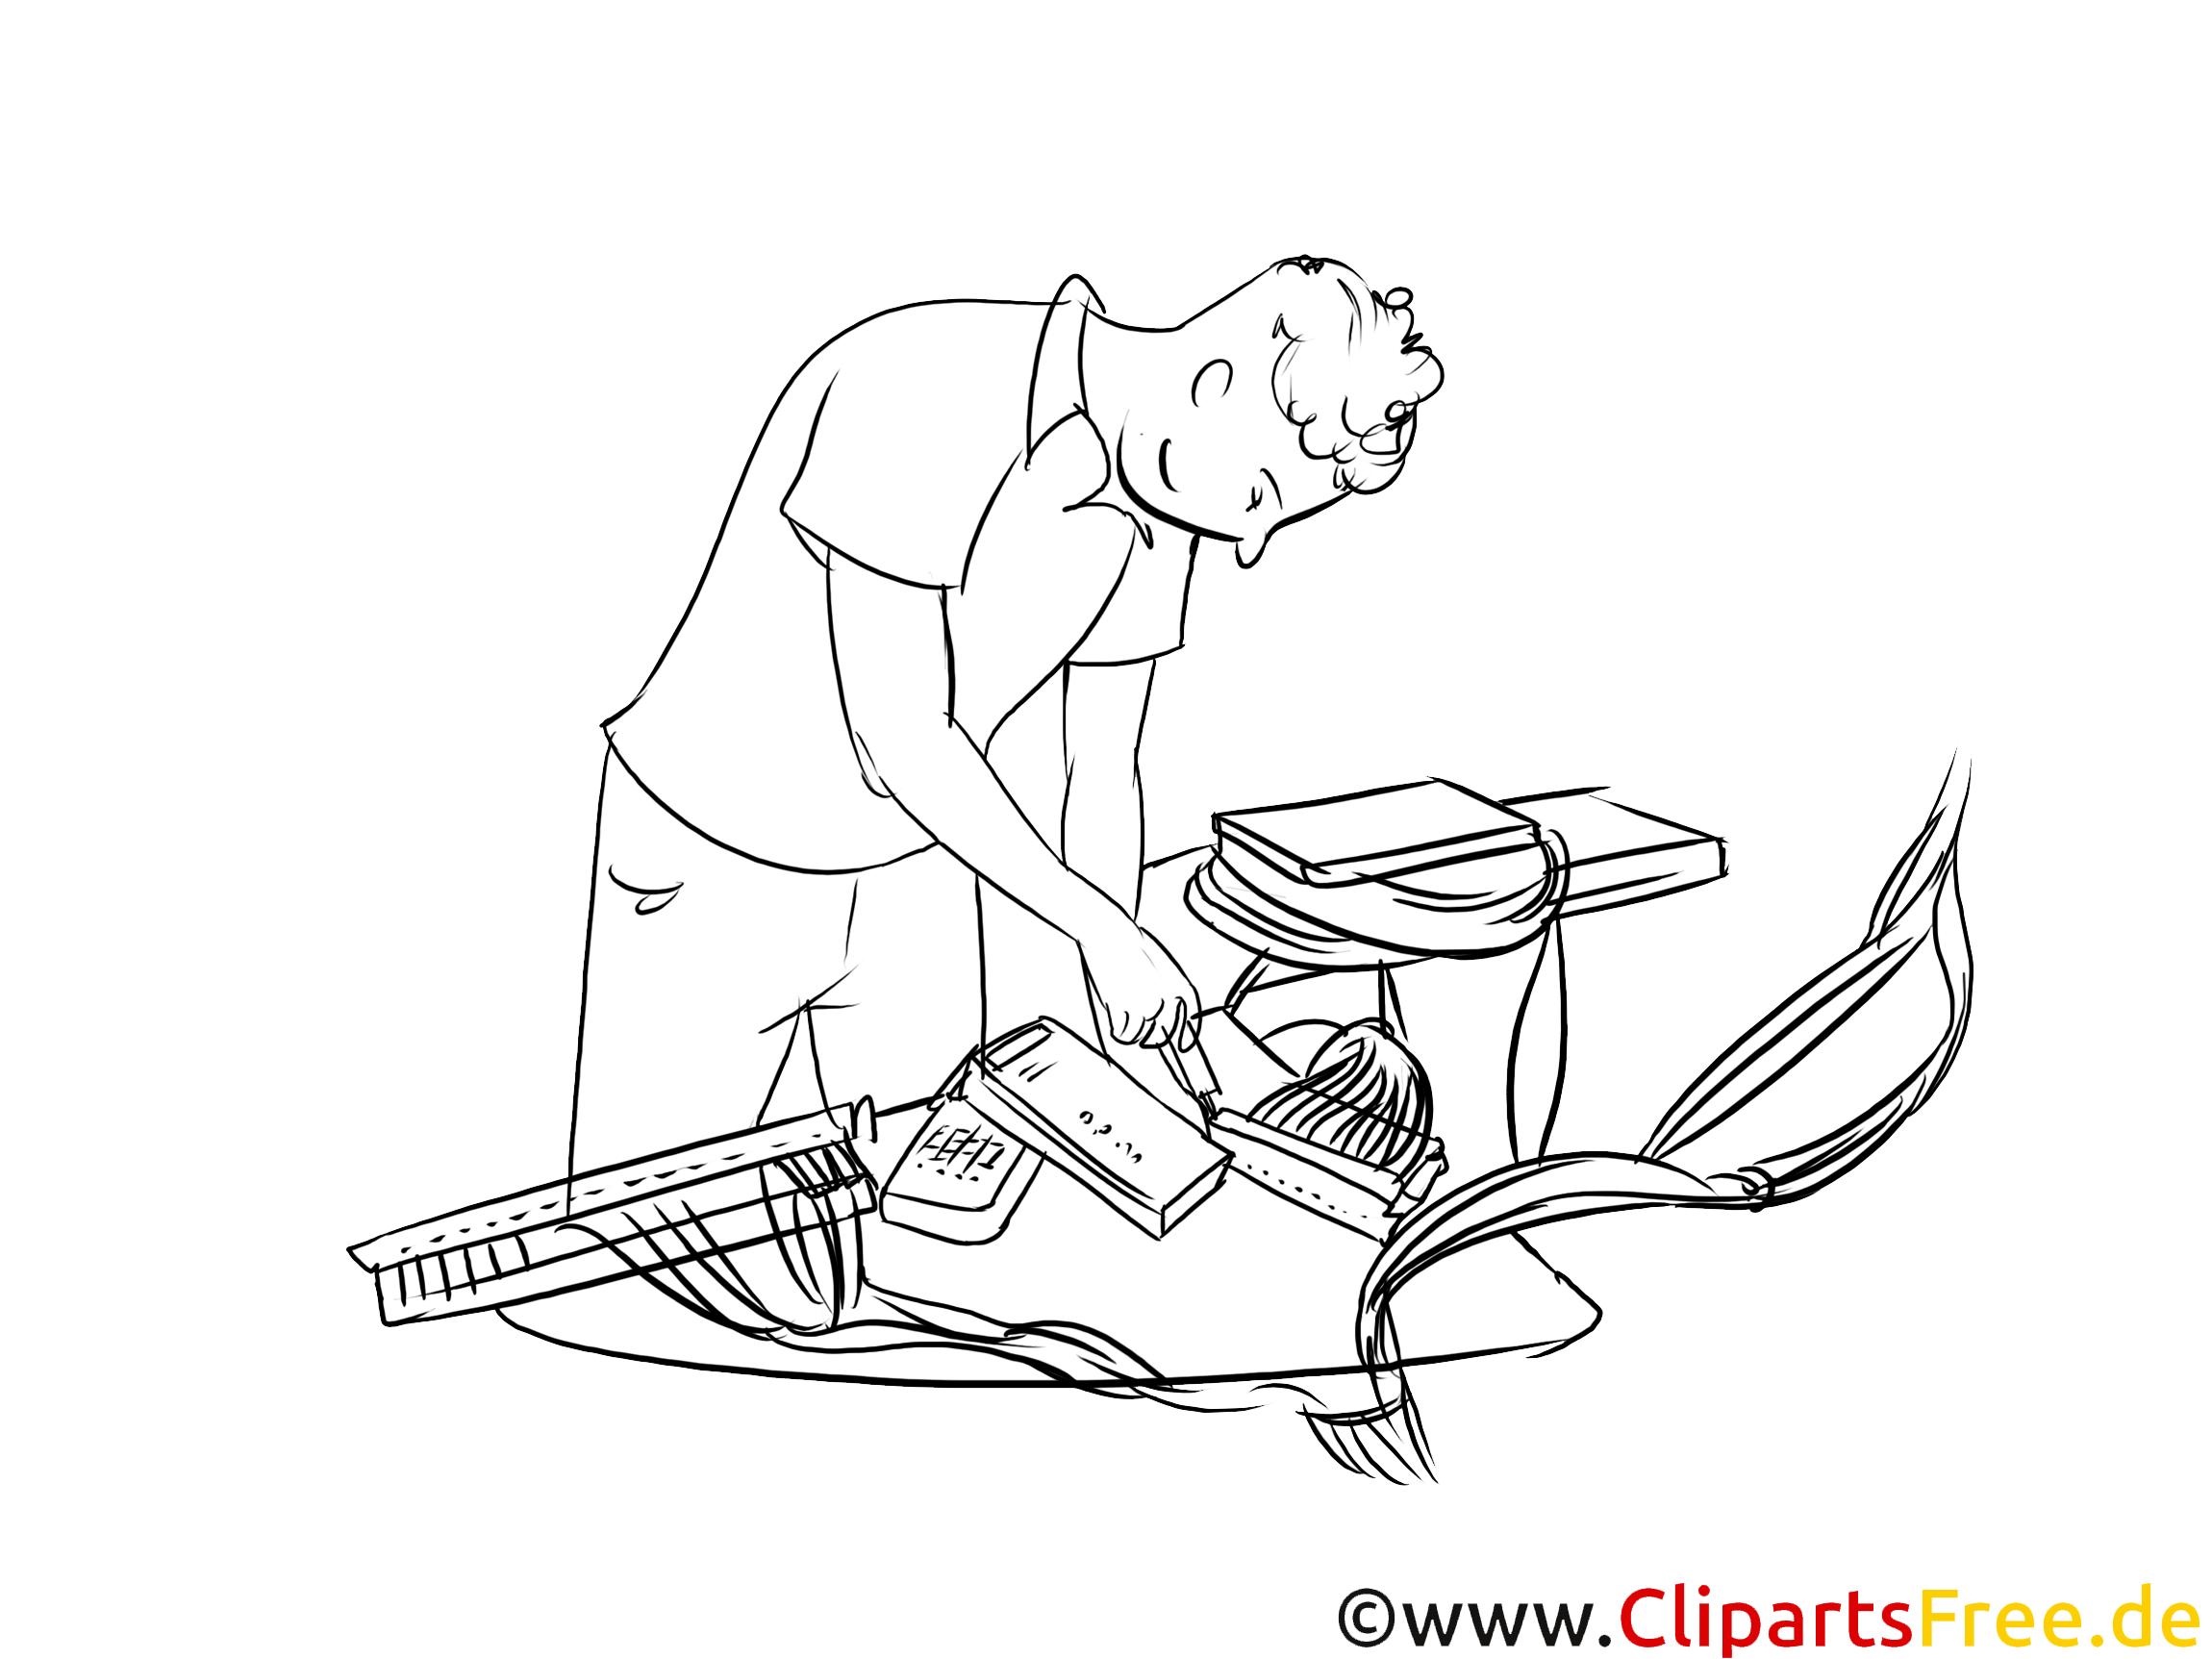 Systemelektroniker Clipart, Grafik, Bild schwarz-weiß